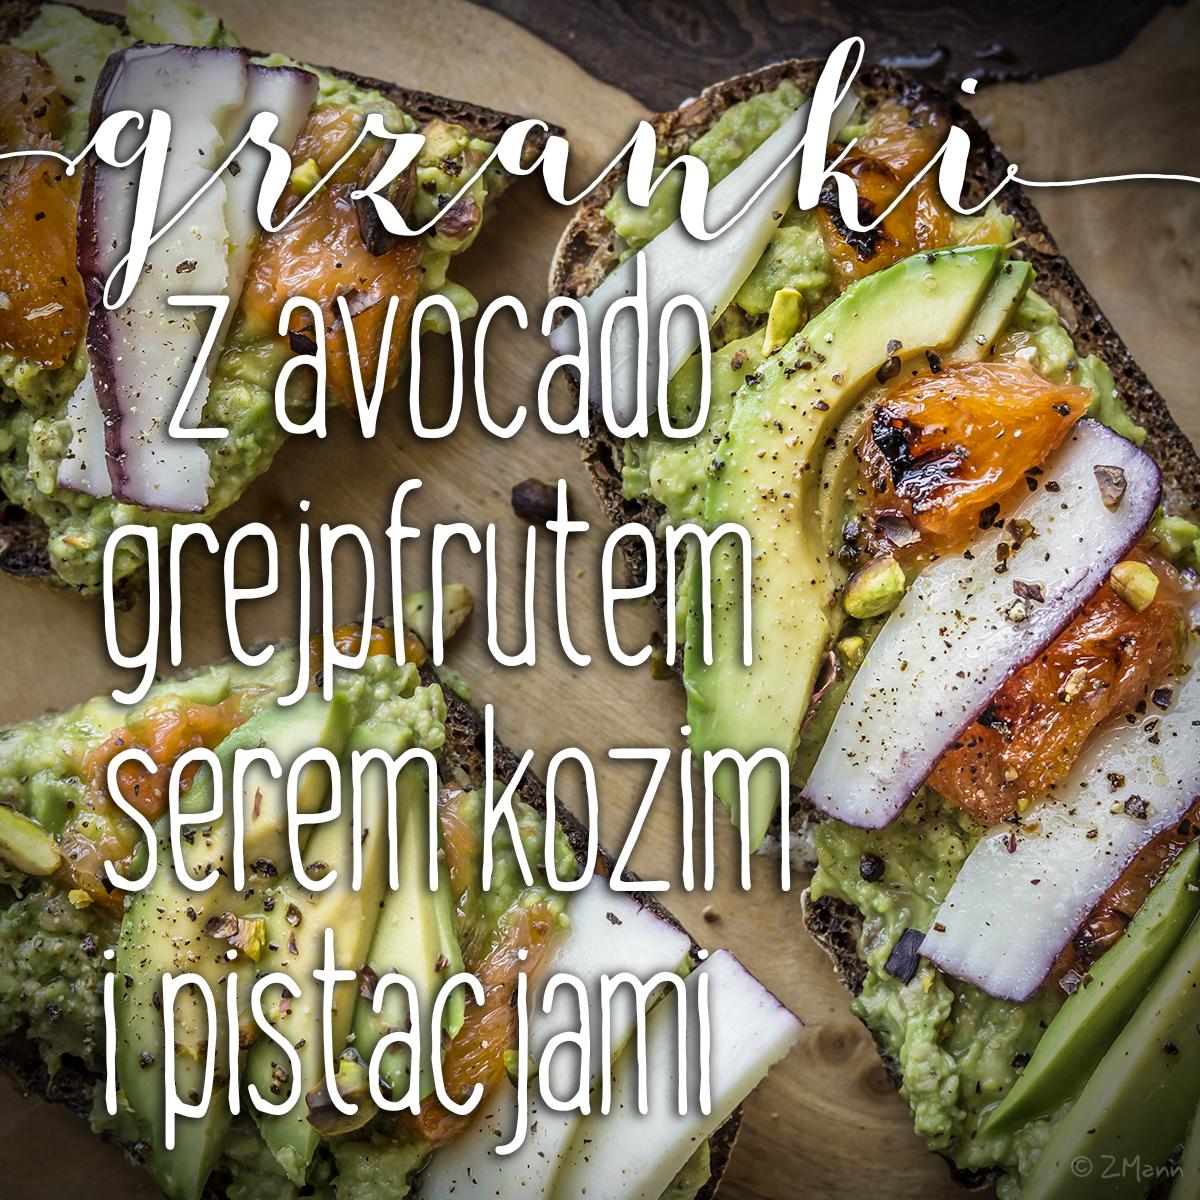 grzanki z avocado, karmelizowanym grejpfrutem, serem i pistacjami